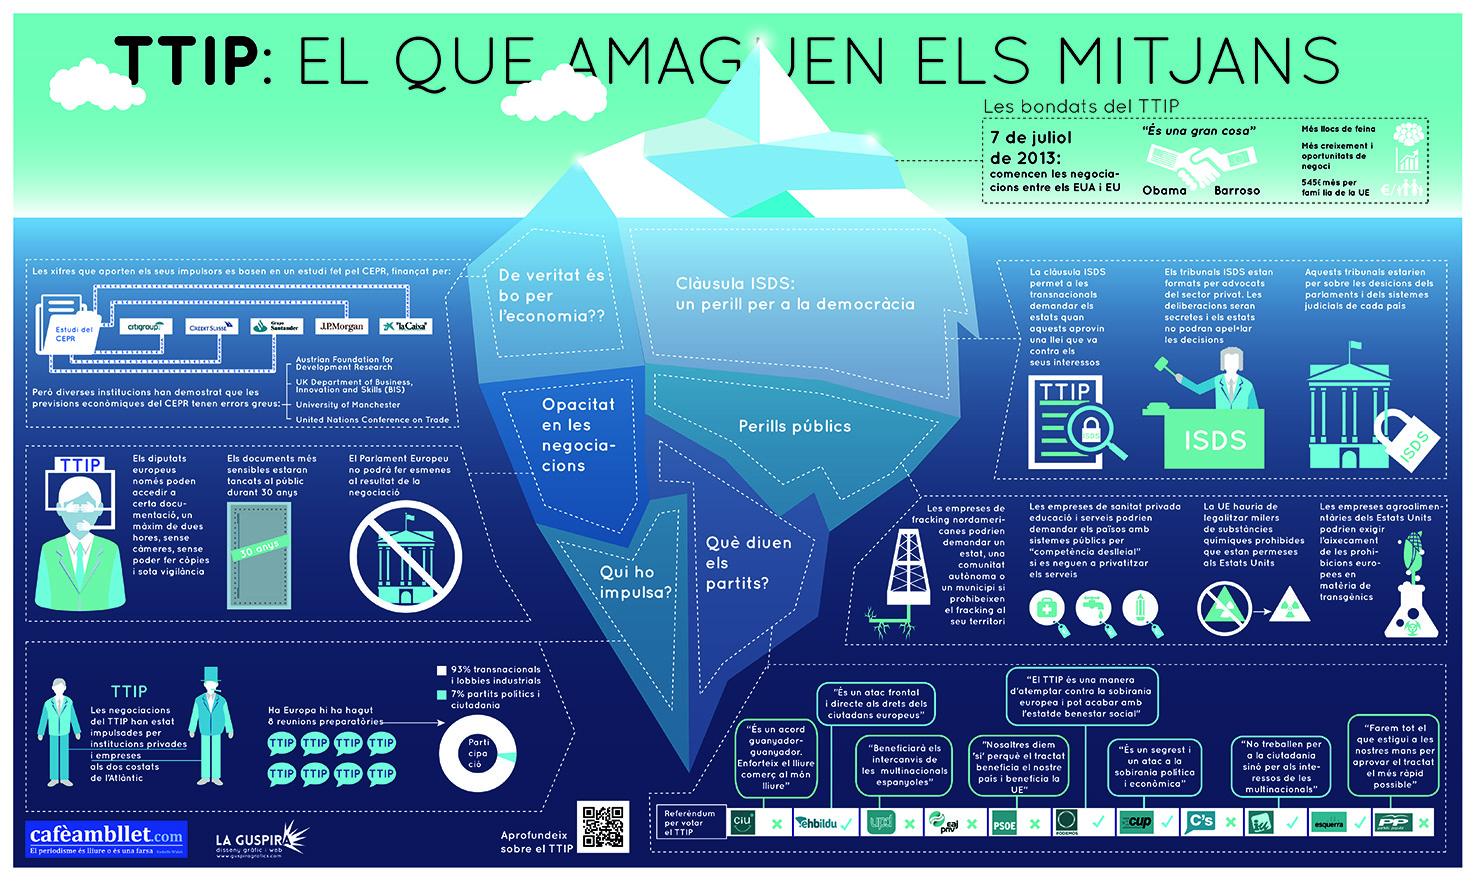 Infografia realitzada per a la publicació CafèAmbLlet